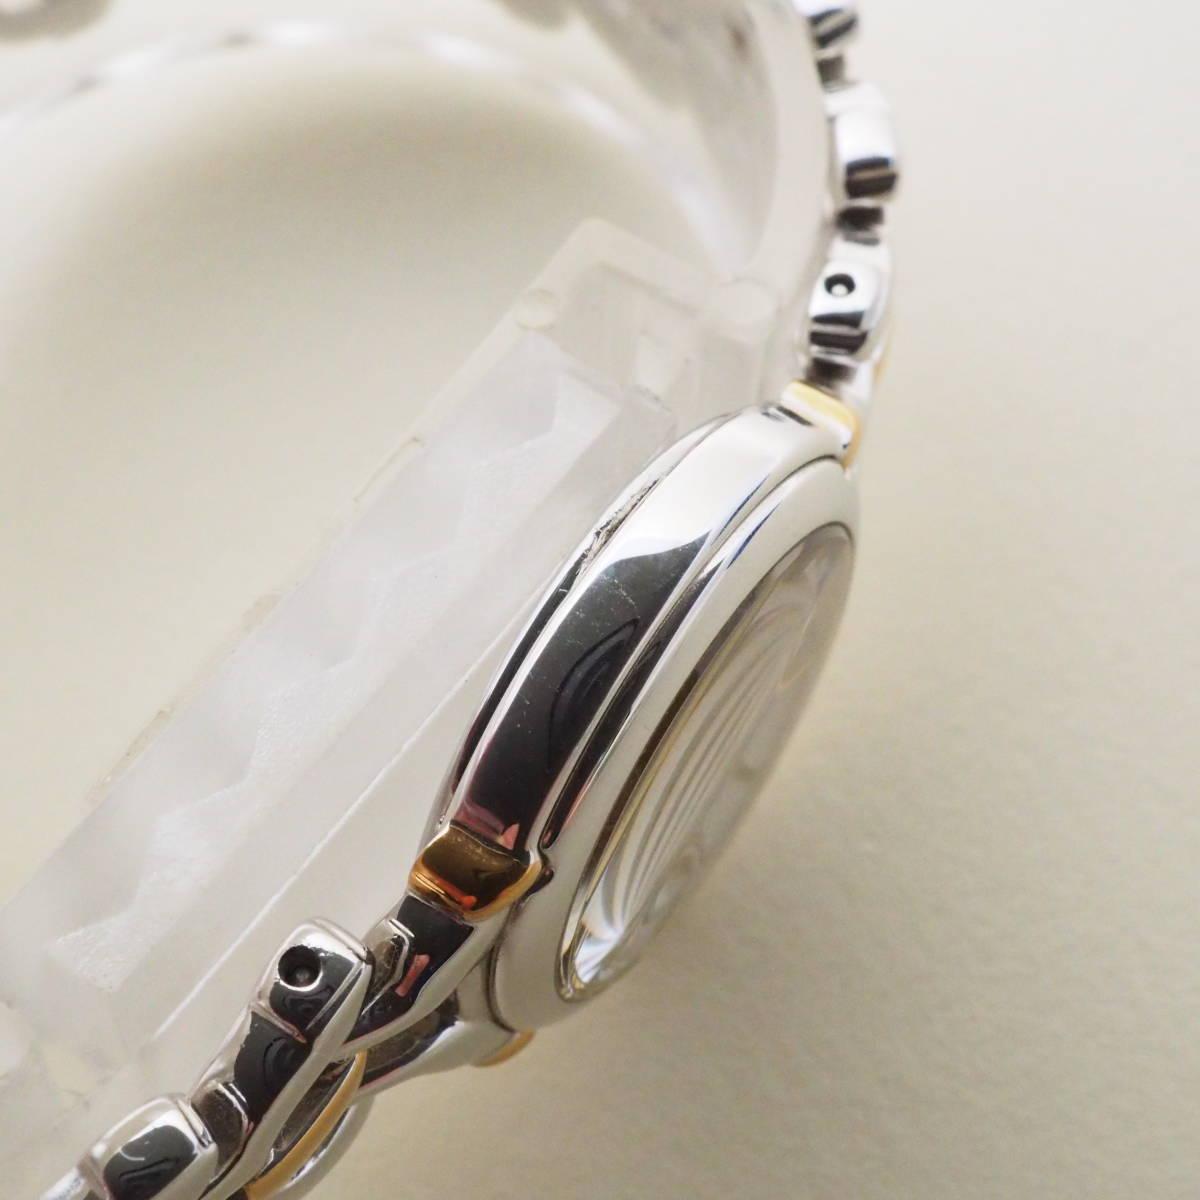 不動美品ジャンク セイコーSEIKO EXCELINE エクセリーヌ 薄型アナログ レディース 4J41-0050 耐磁 QUARTZ 管:20201120-149-1-3_画像4